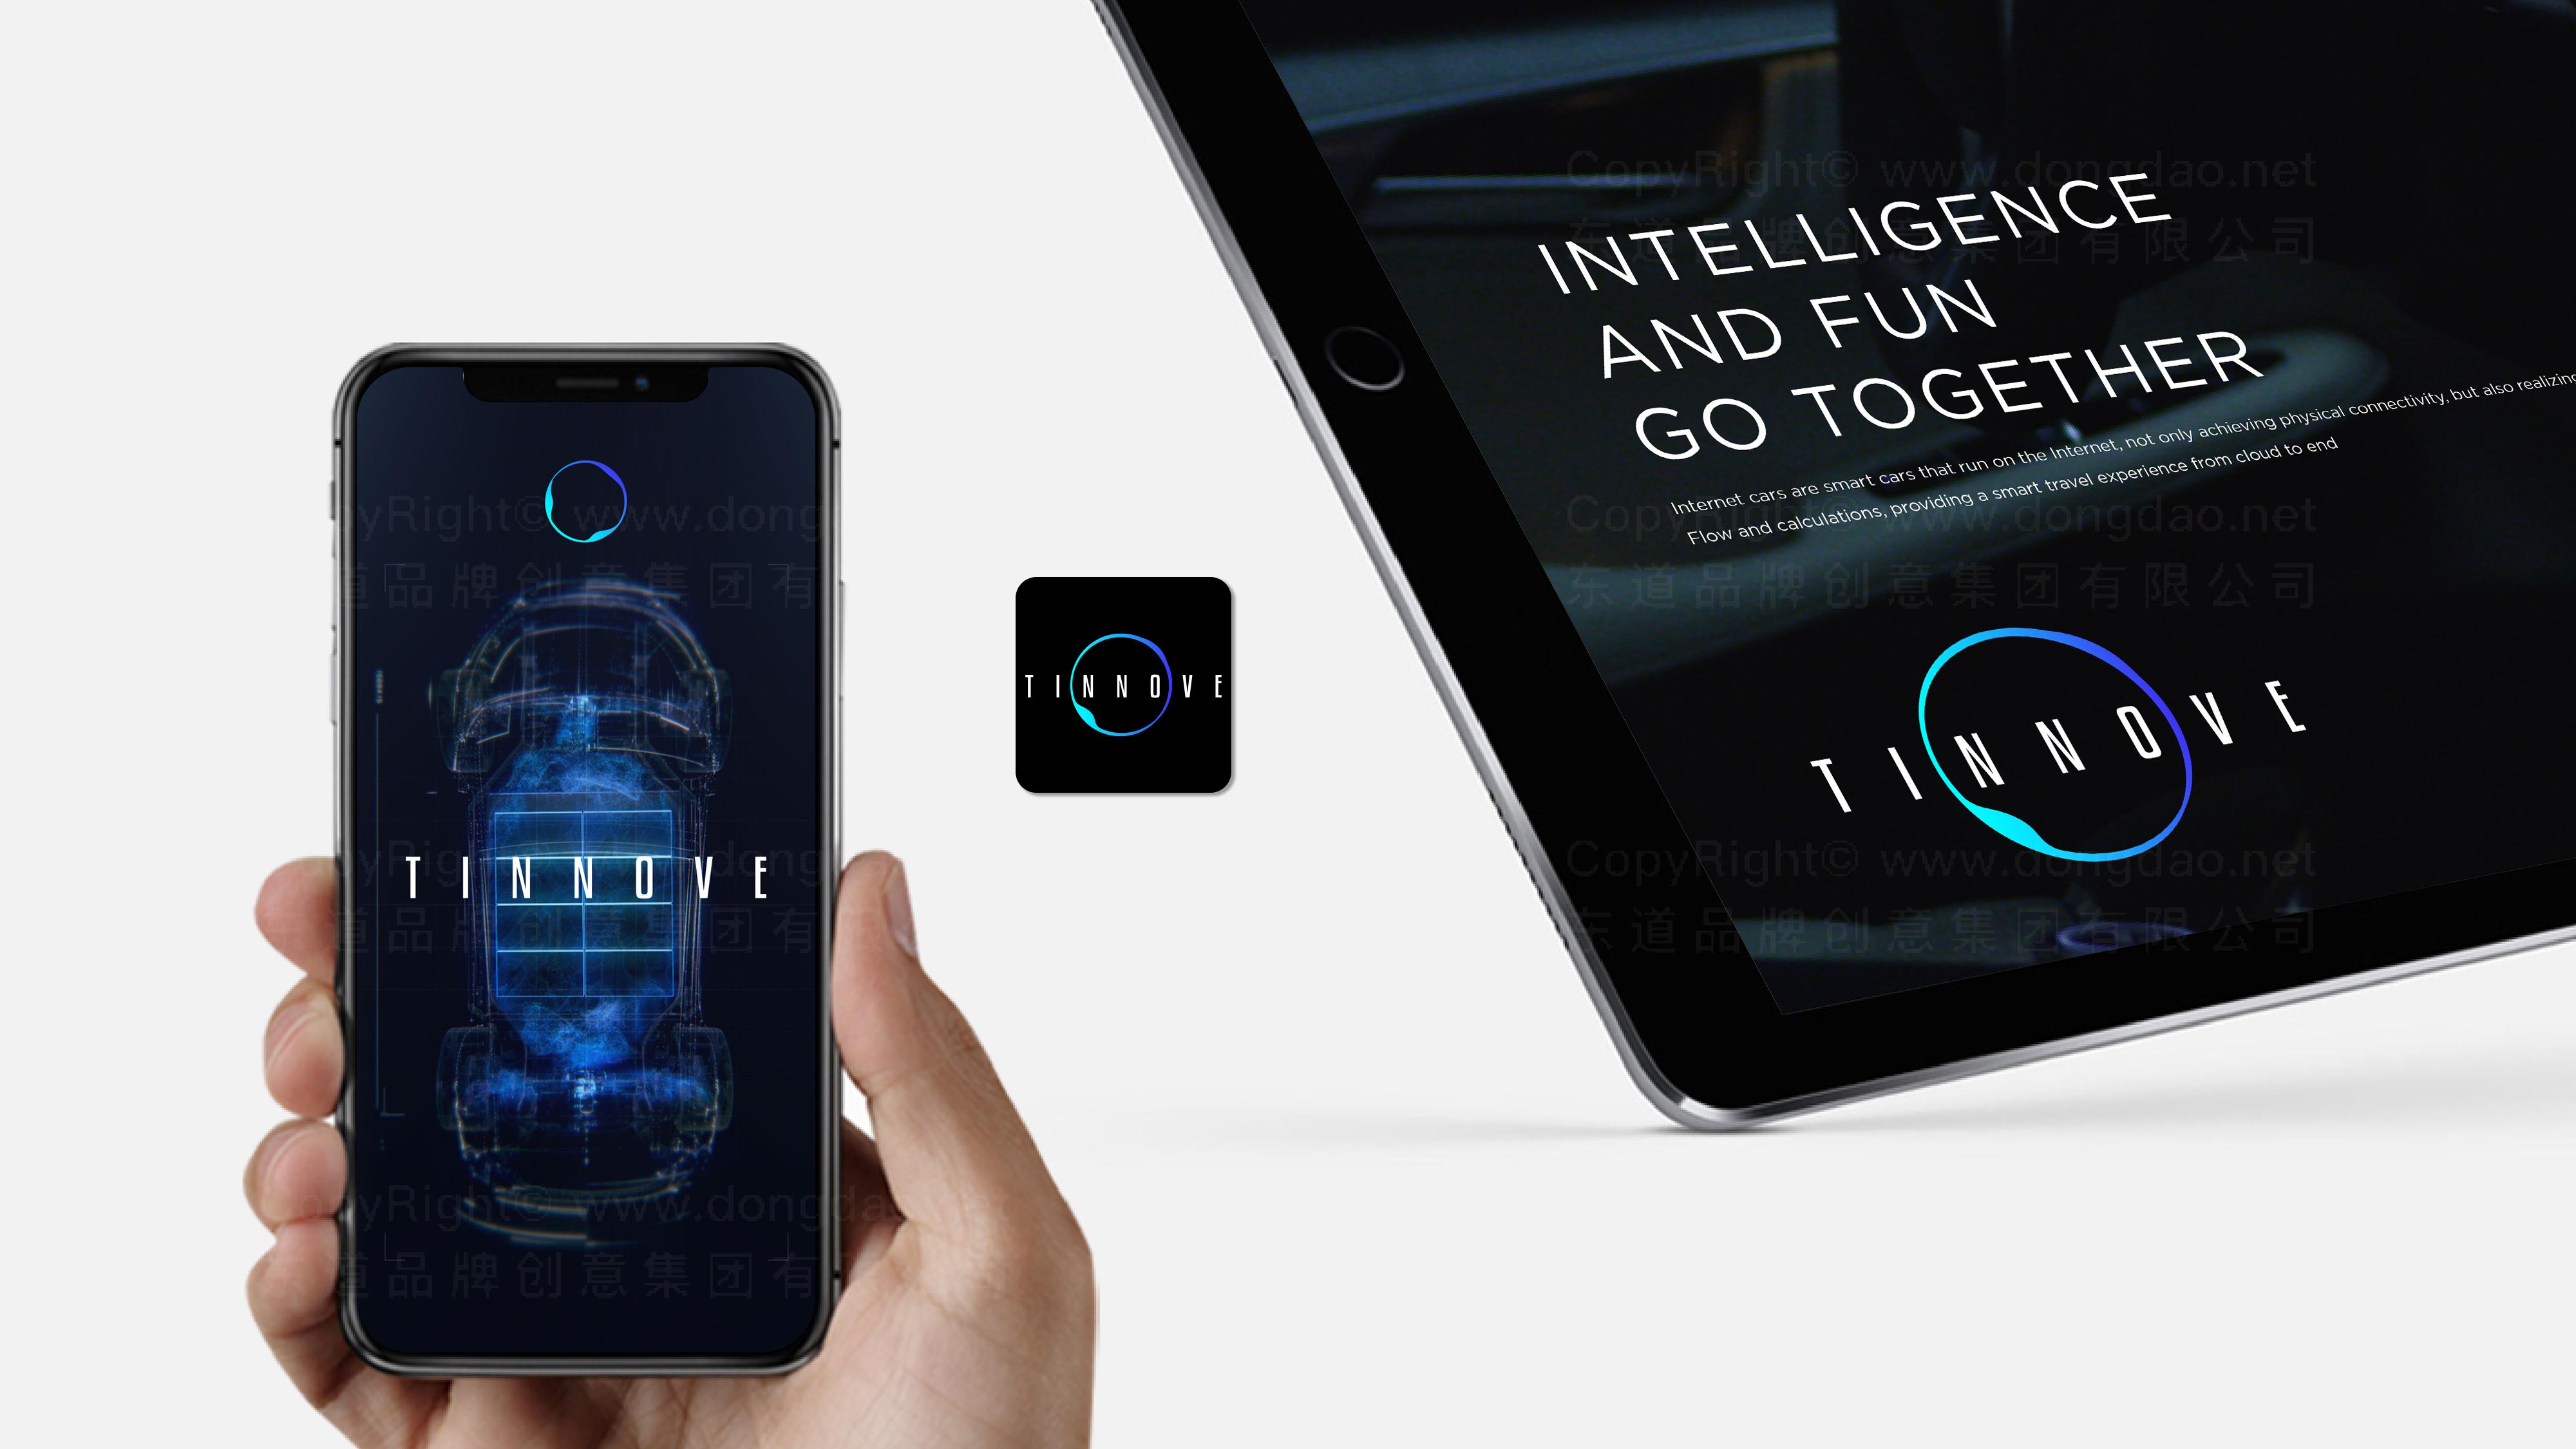 品牌设计TINNOVE汽车智能系统LOGO&VI设计应用场景_2